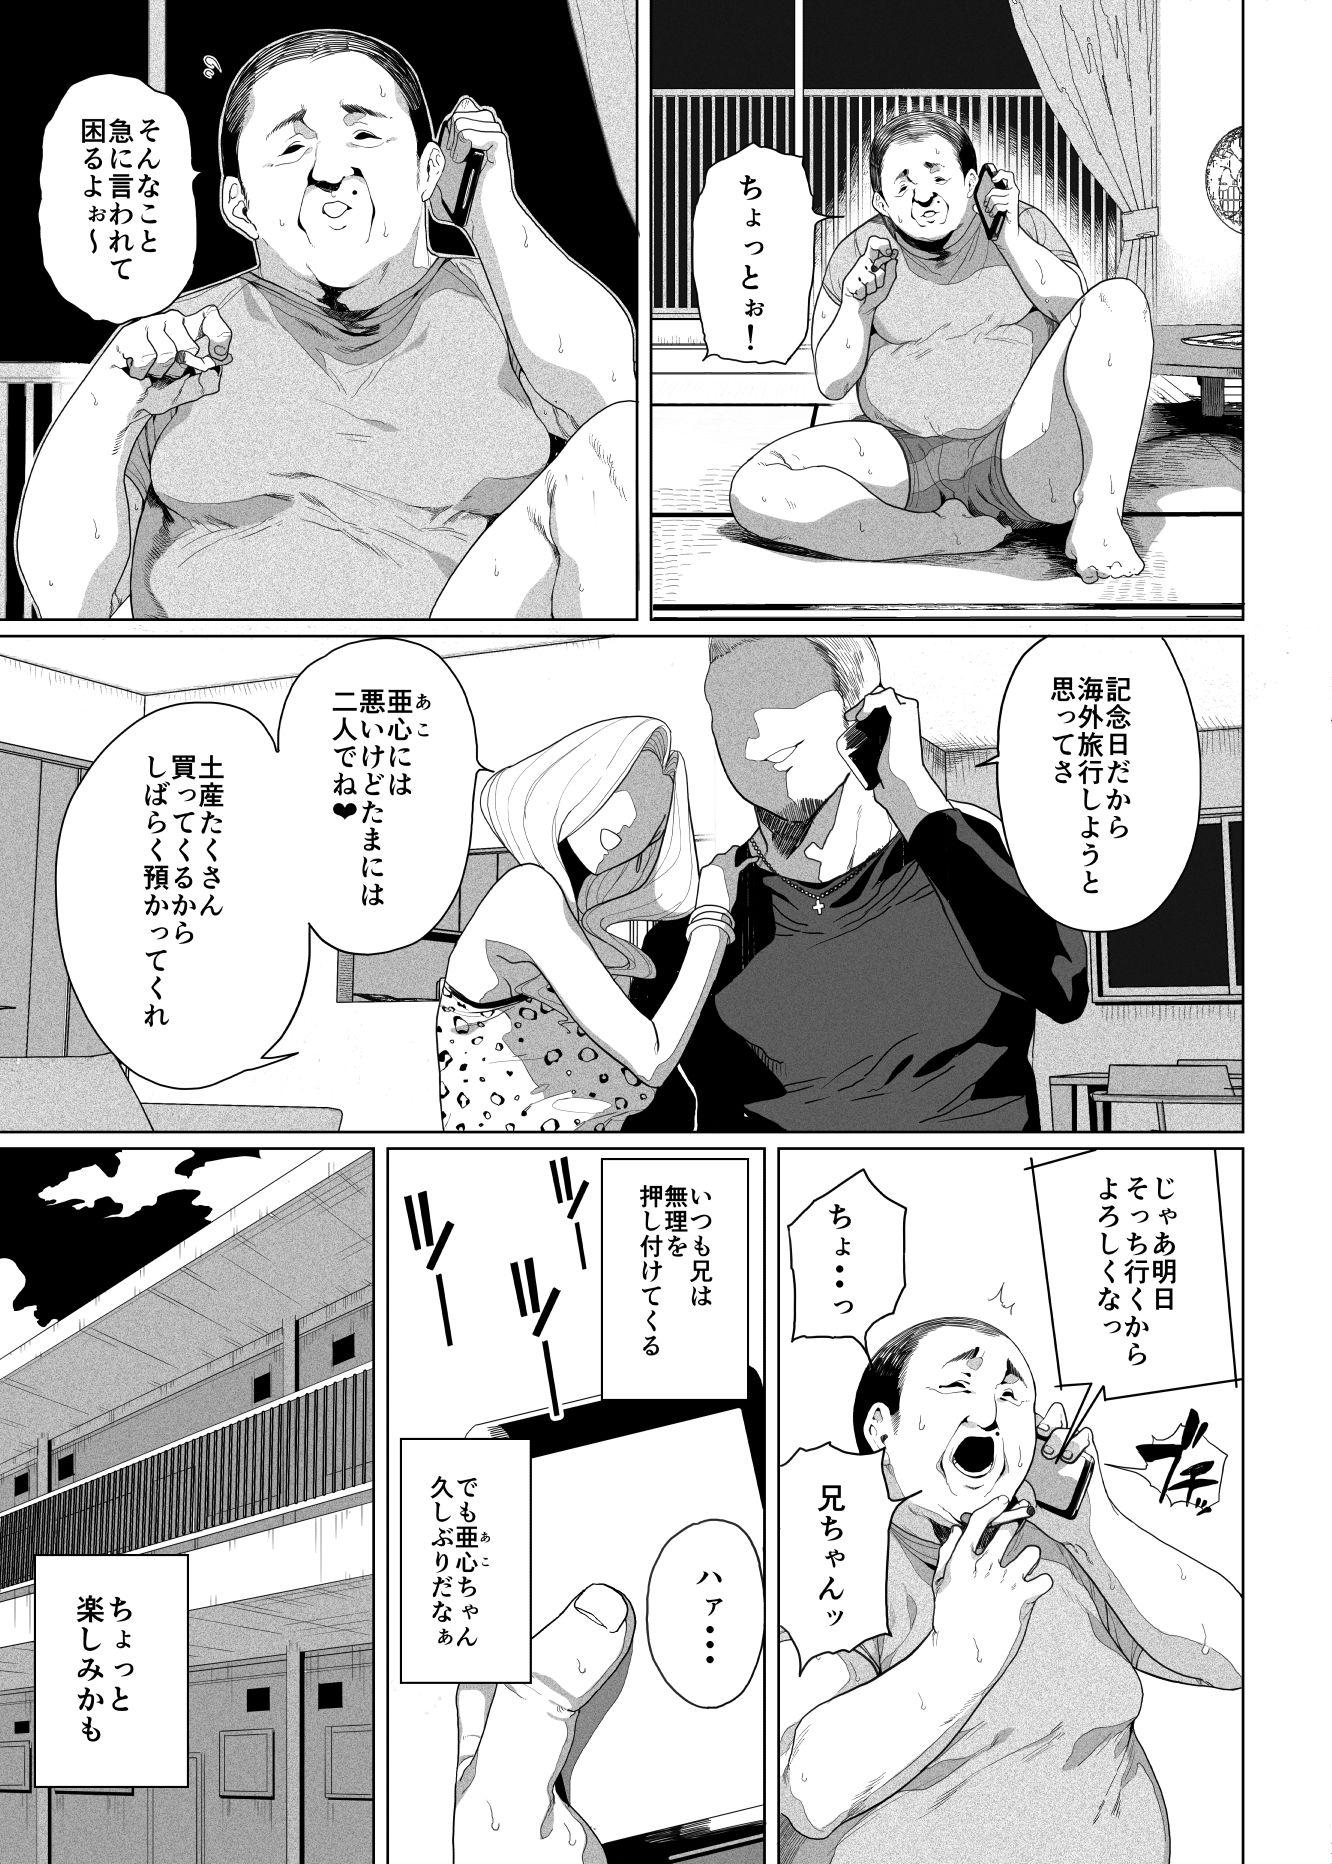 『性女調教 生意気な姪をワカらせて』【同人エロ漫画】(カマボコ工房)1